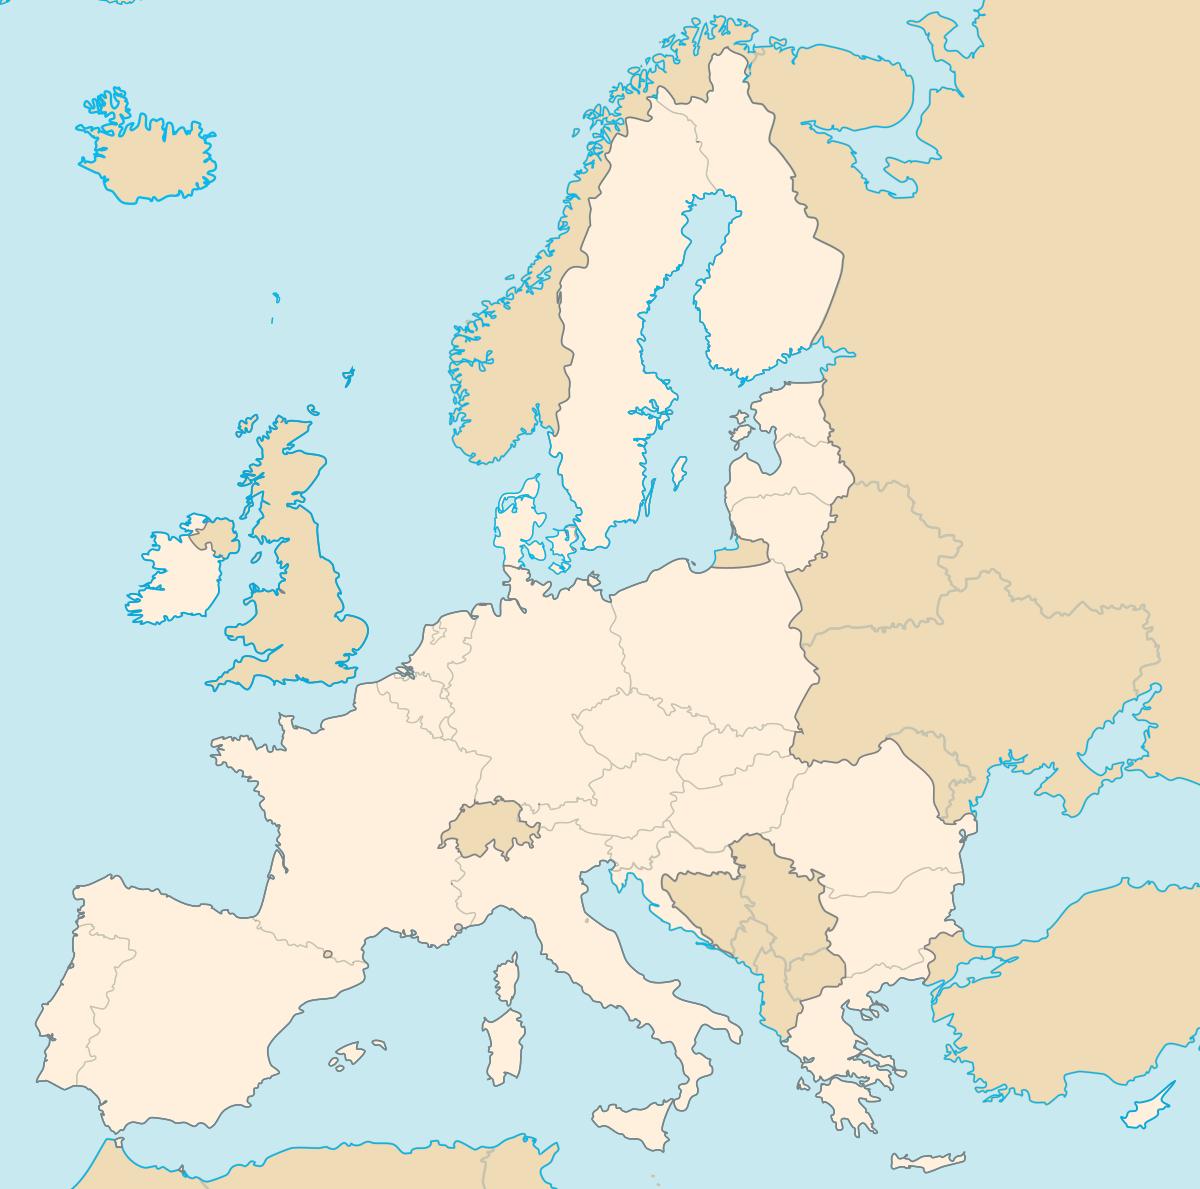 États Membres De L'union Européenne — Wikipédia dedans Union Européenne Carte Vierge